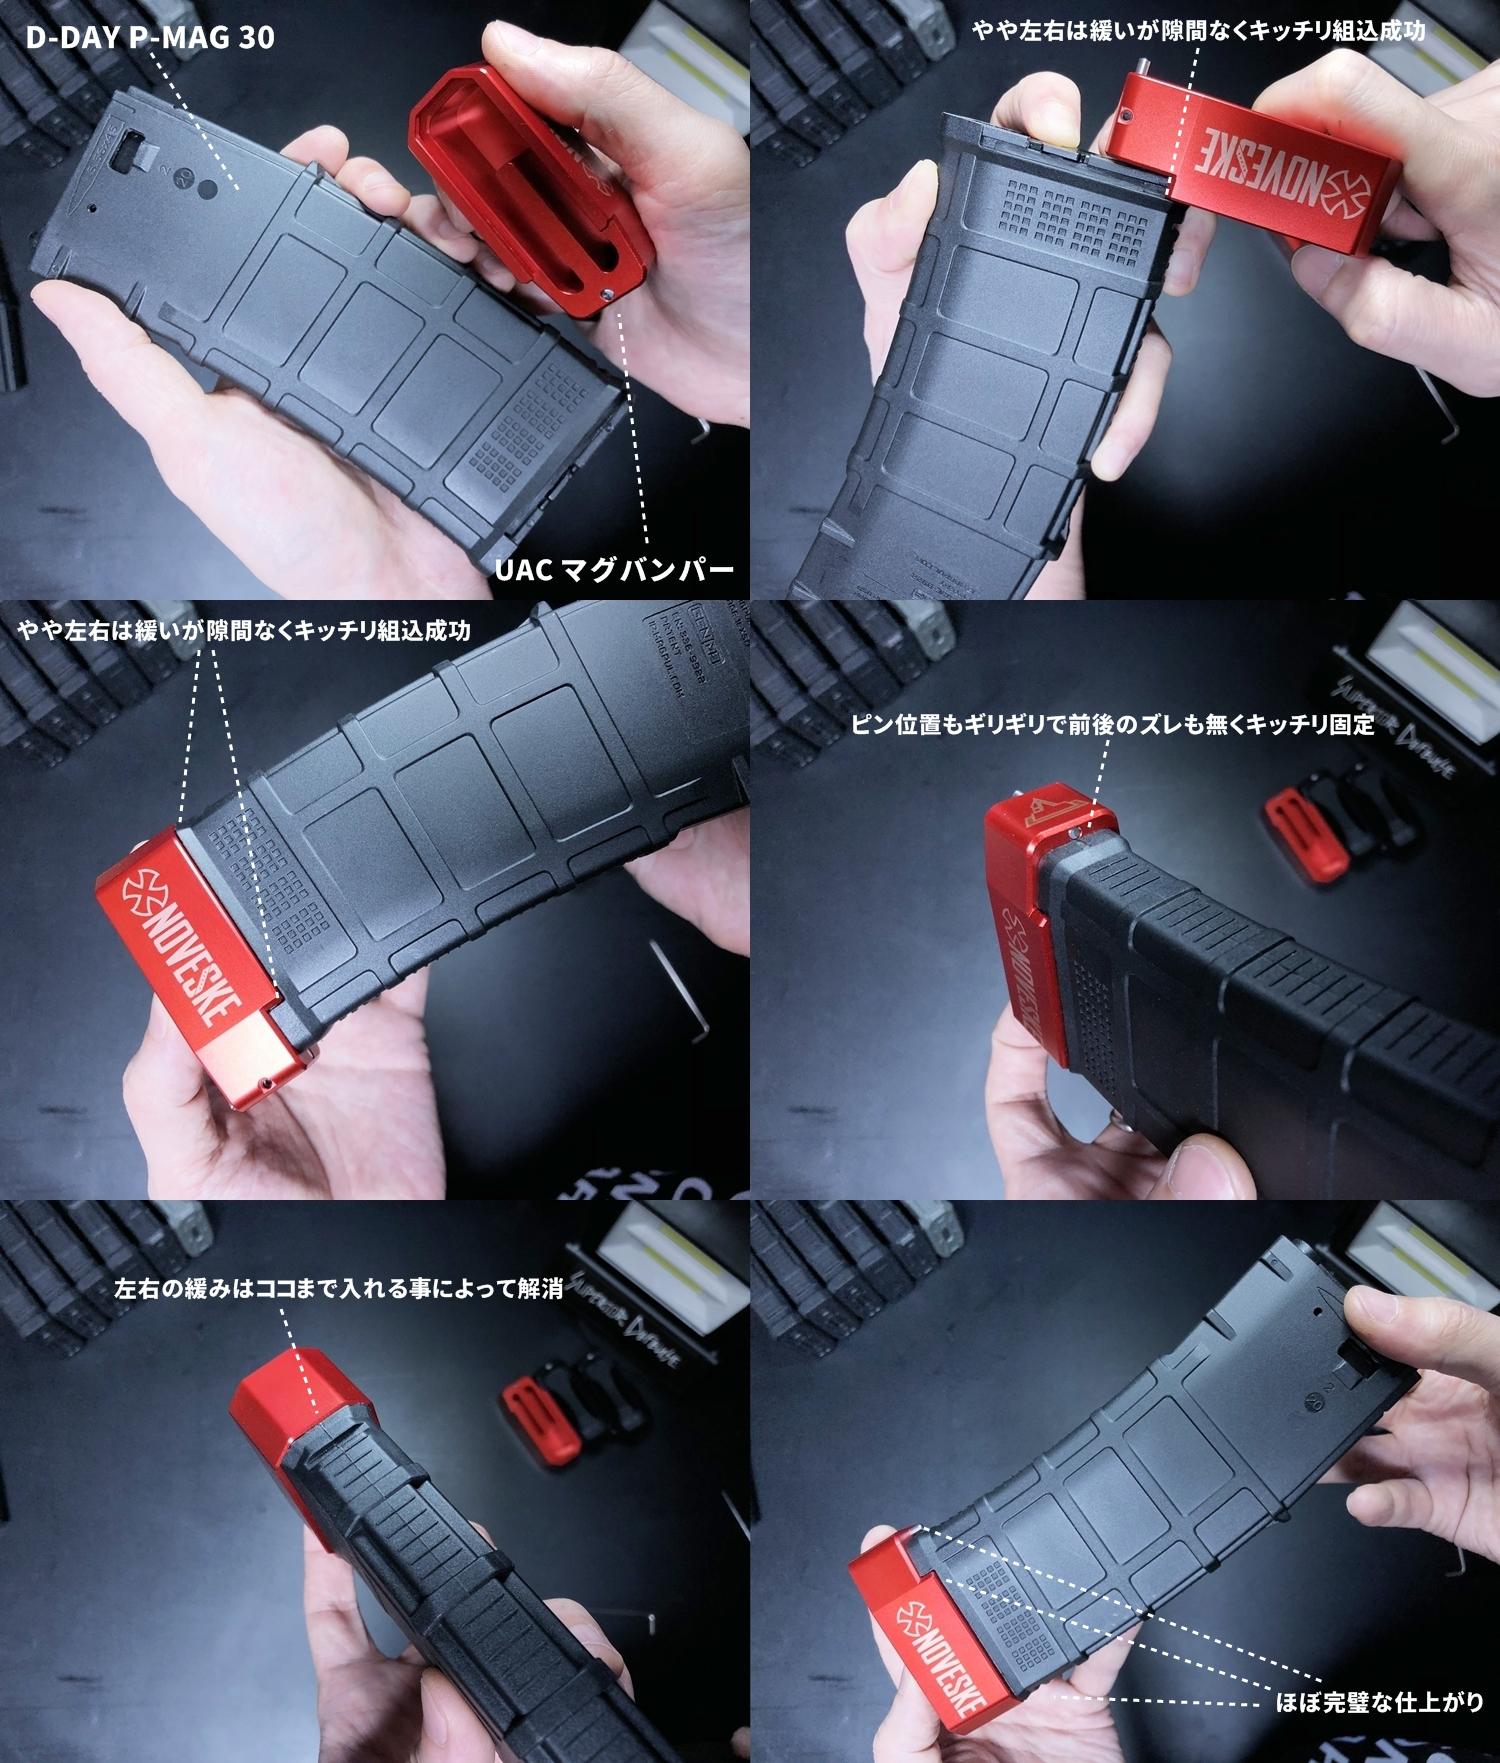 19 実物 NOVESKE TTI PMAG BASE PAD + STD M4 PMAG AMAG GEN3!! DIY HILOG ORIGINAL TTI INNER BASE PAD!! 部品作製 加工 取付 レビュー!!